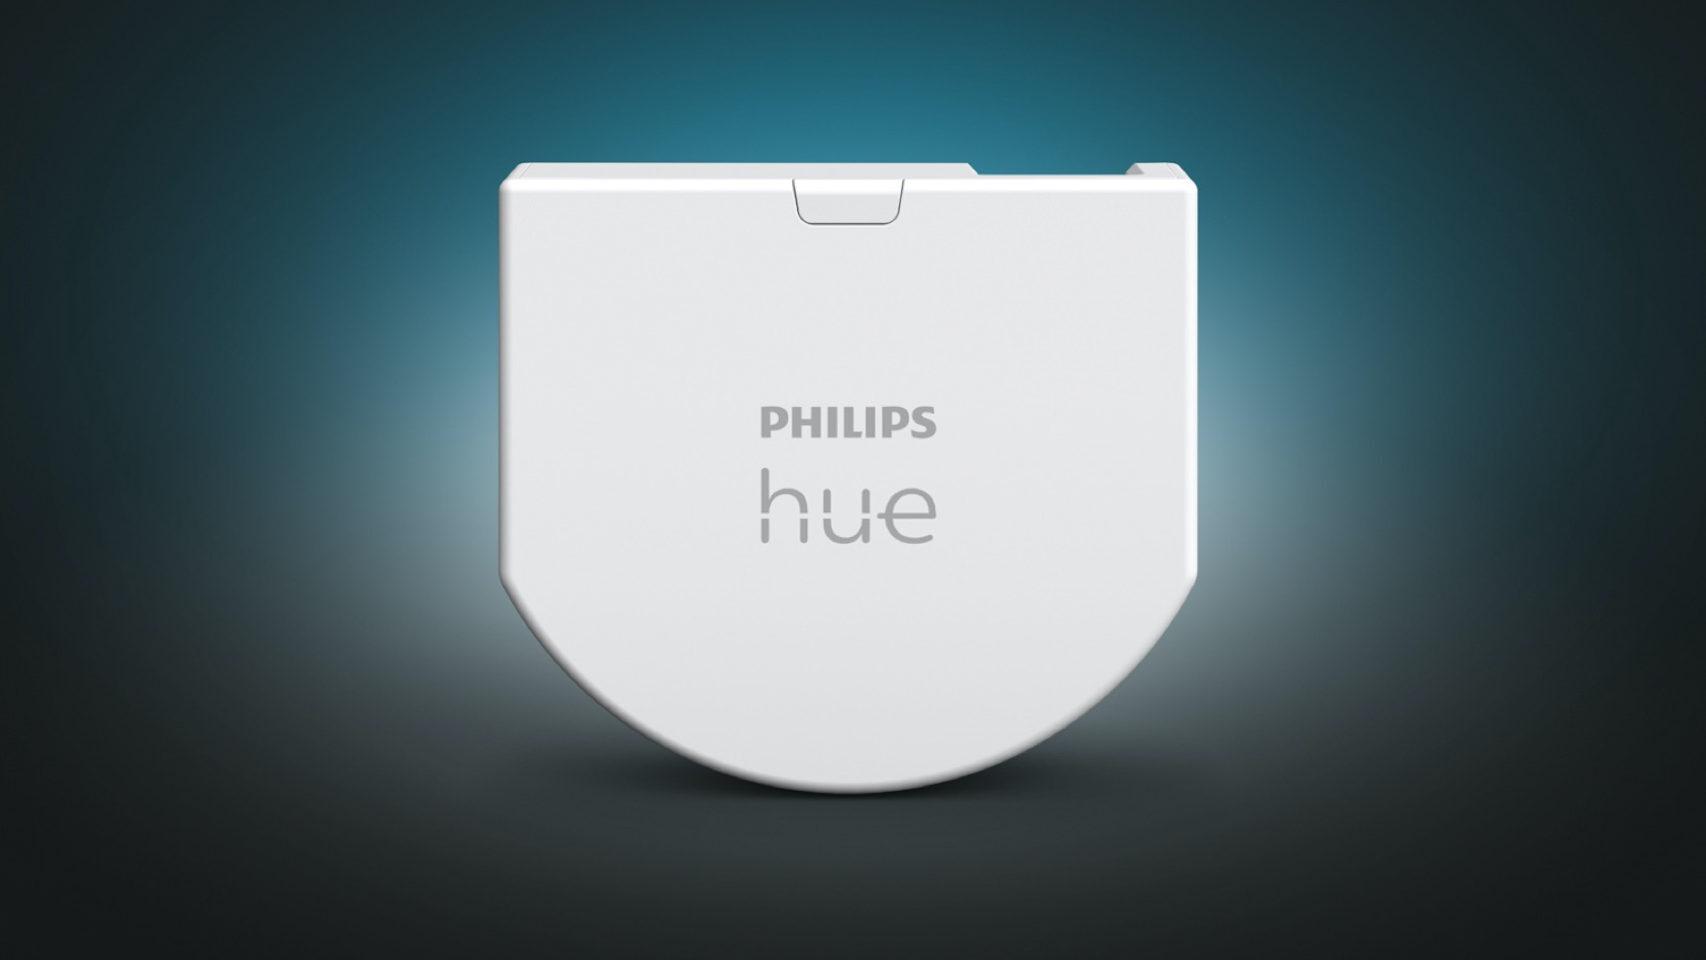 El nuevo dispositivo de Philips Hue